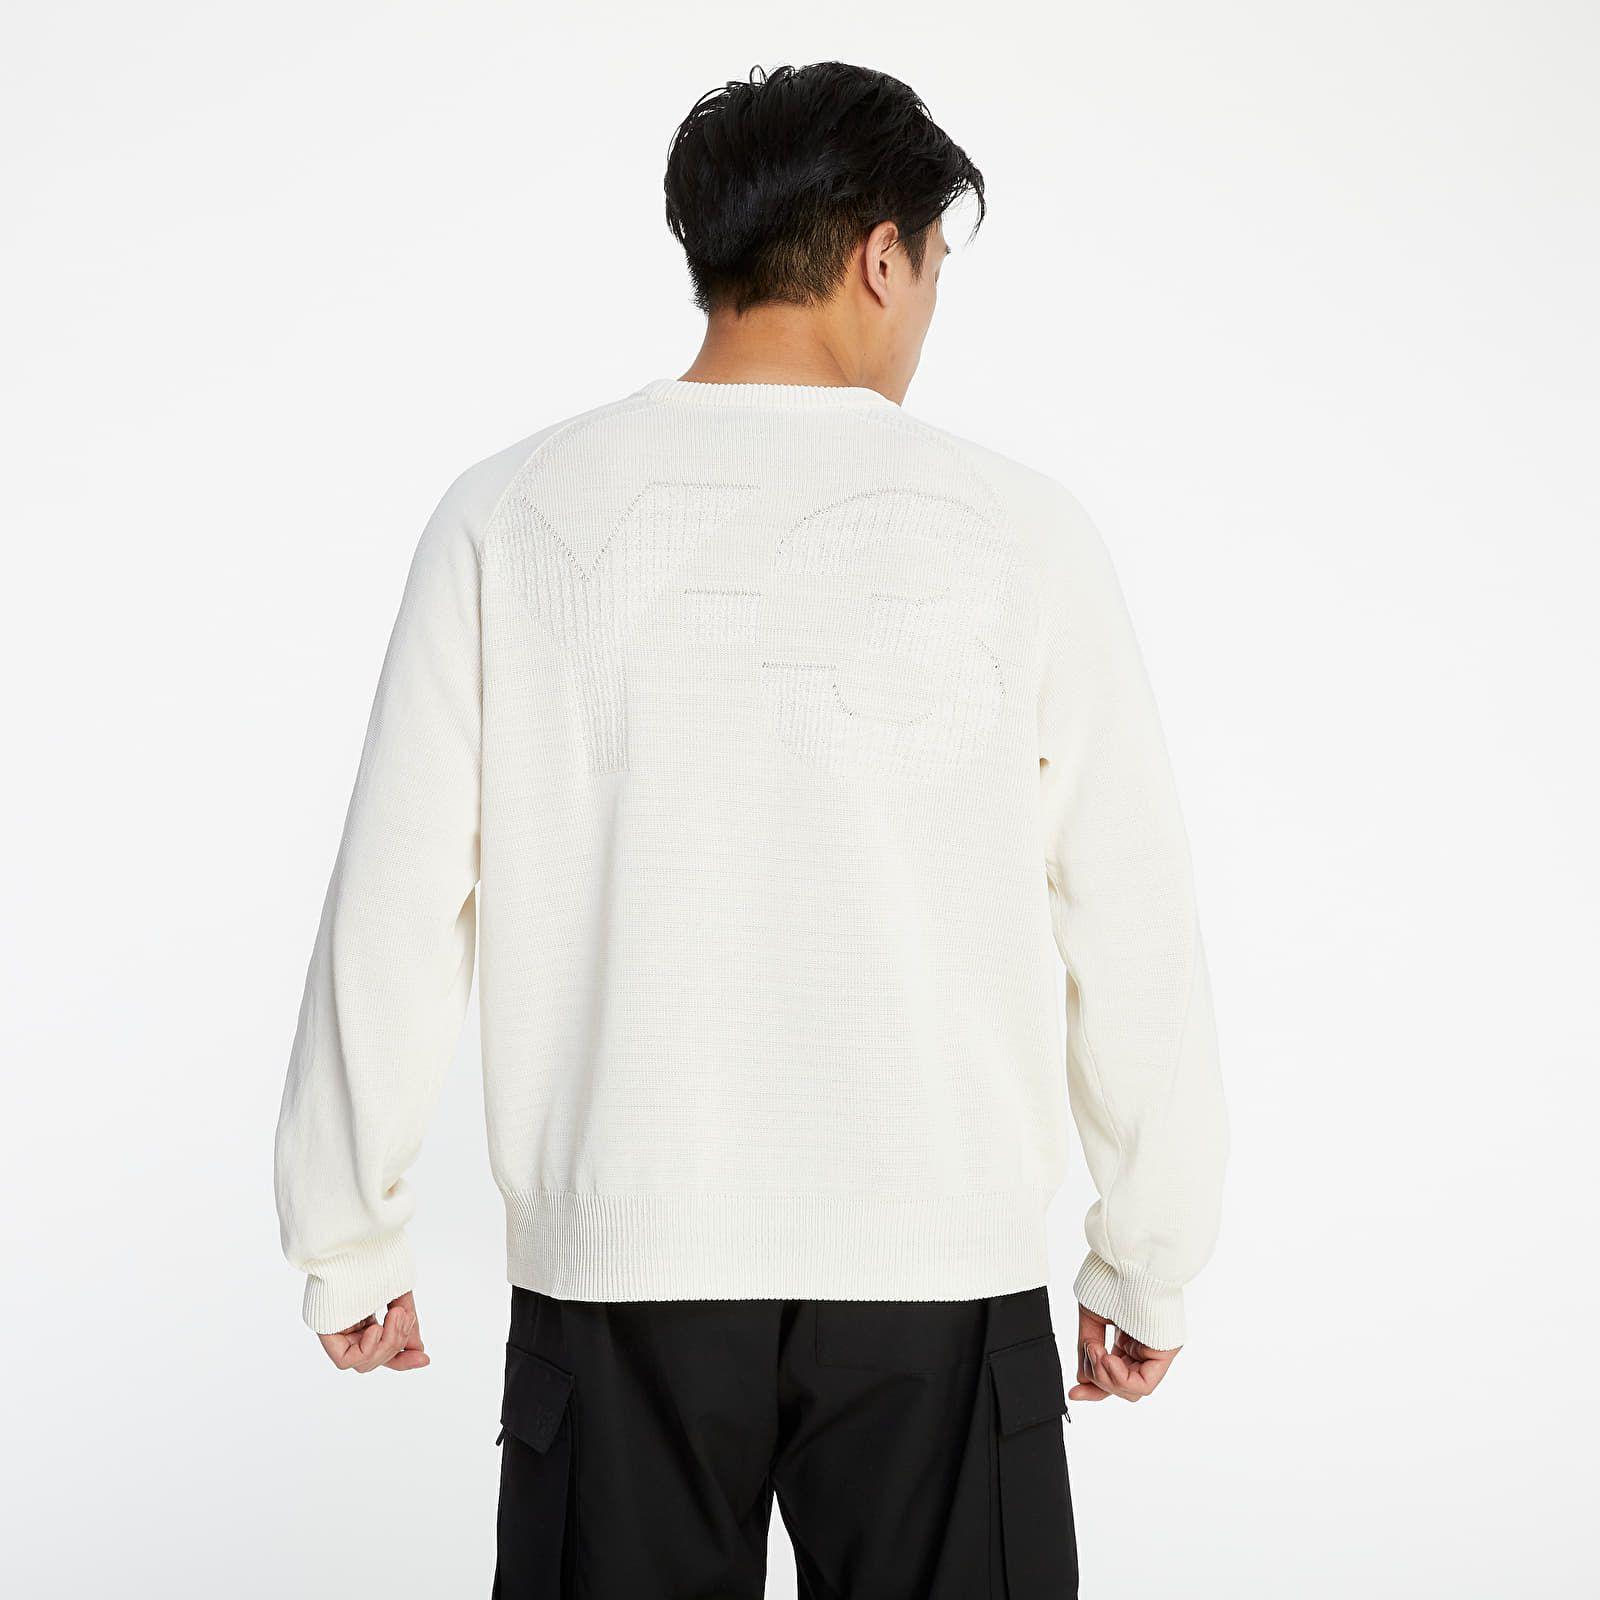 Doplň svoj šatník o kúsky Carhartt WIP, Nike, A-COLD-WALL* či Y-3 za zlomok ich pôvodnej sumy